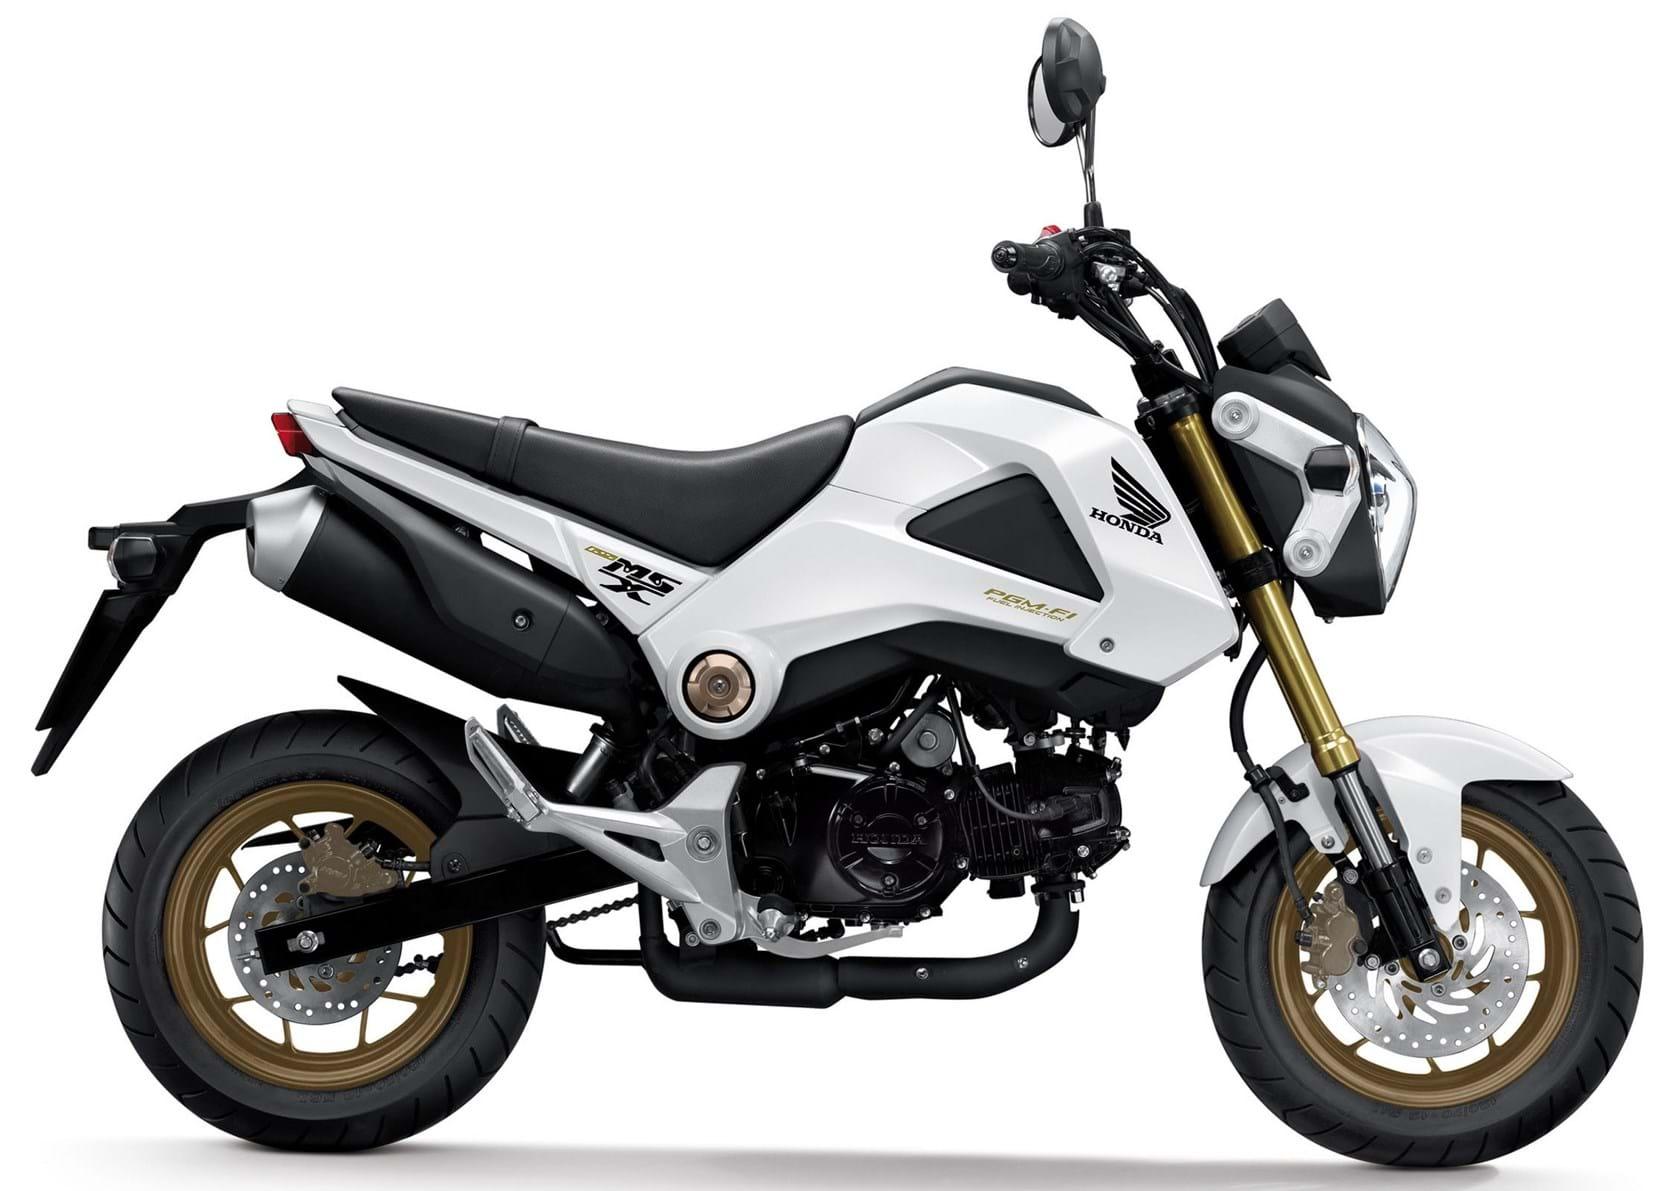 For Sale Honda Grom The Bike Market